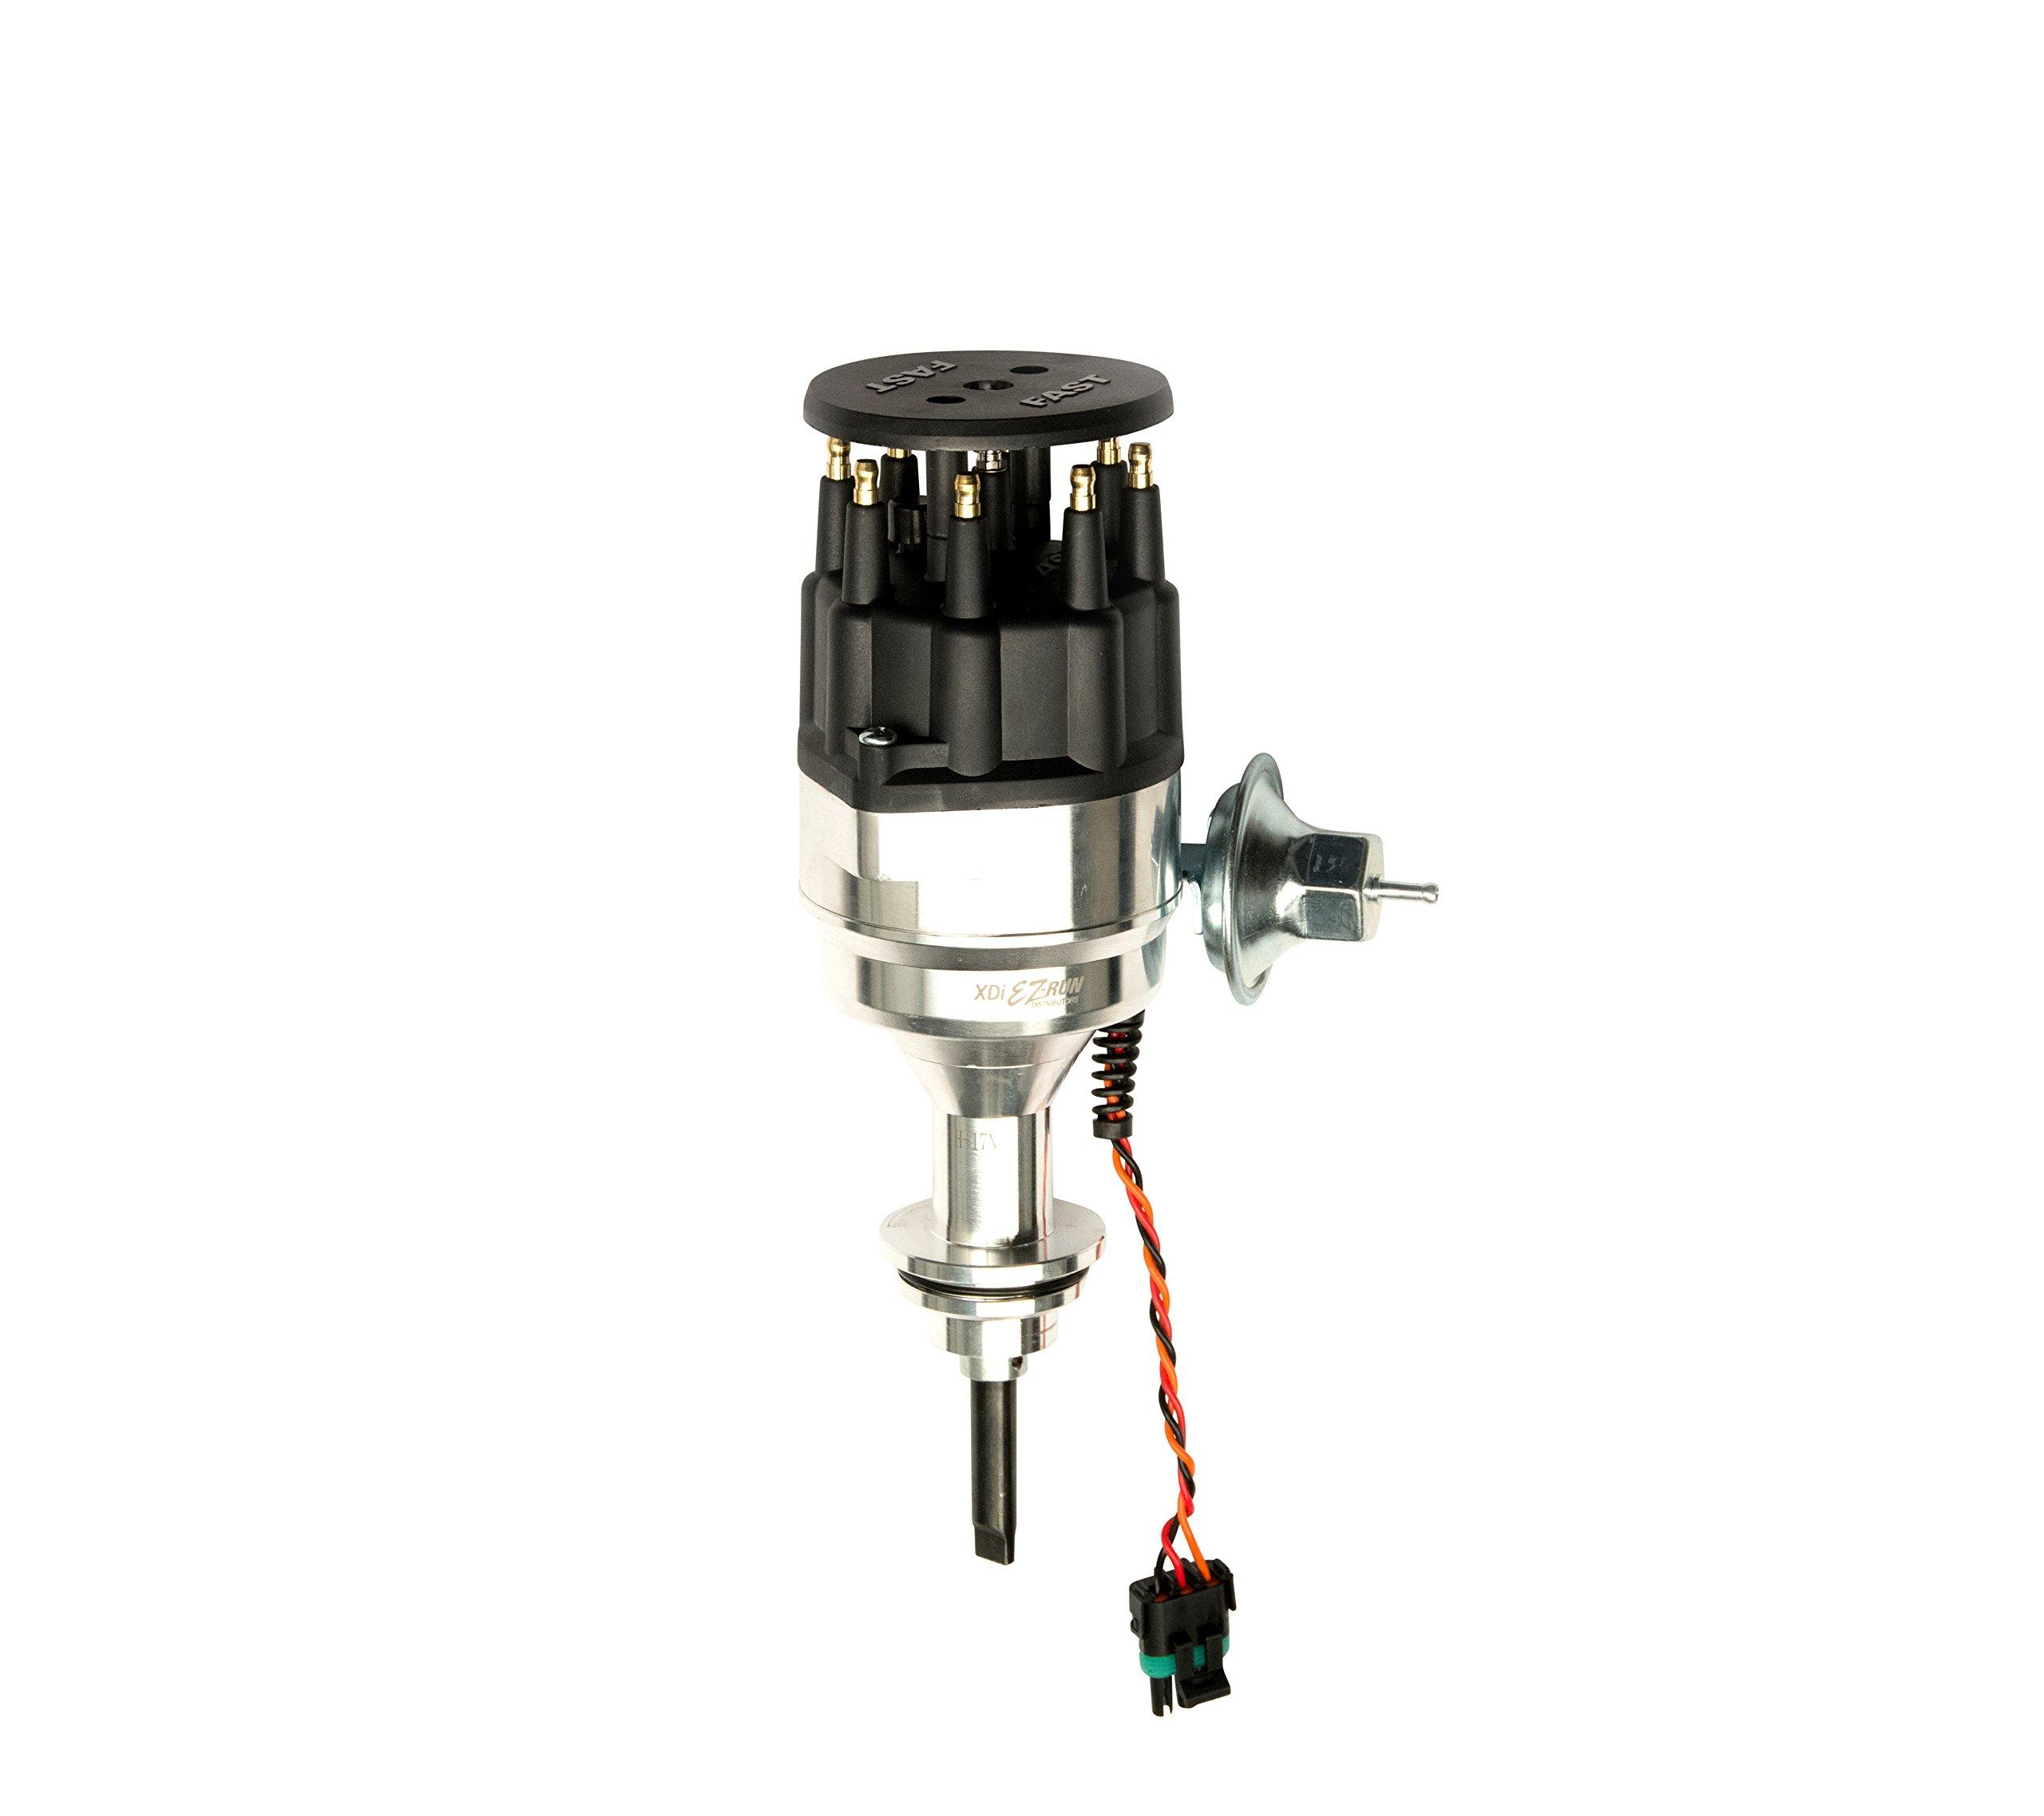 FAST 306013 XDI EZ-Run DistributorBBM RB 426-440